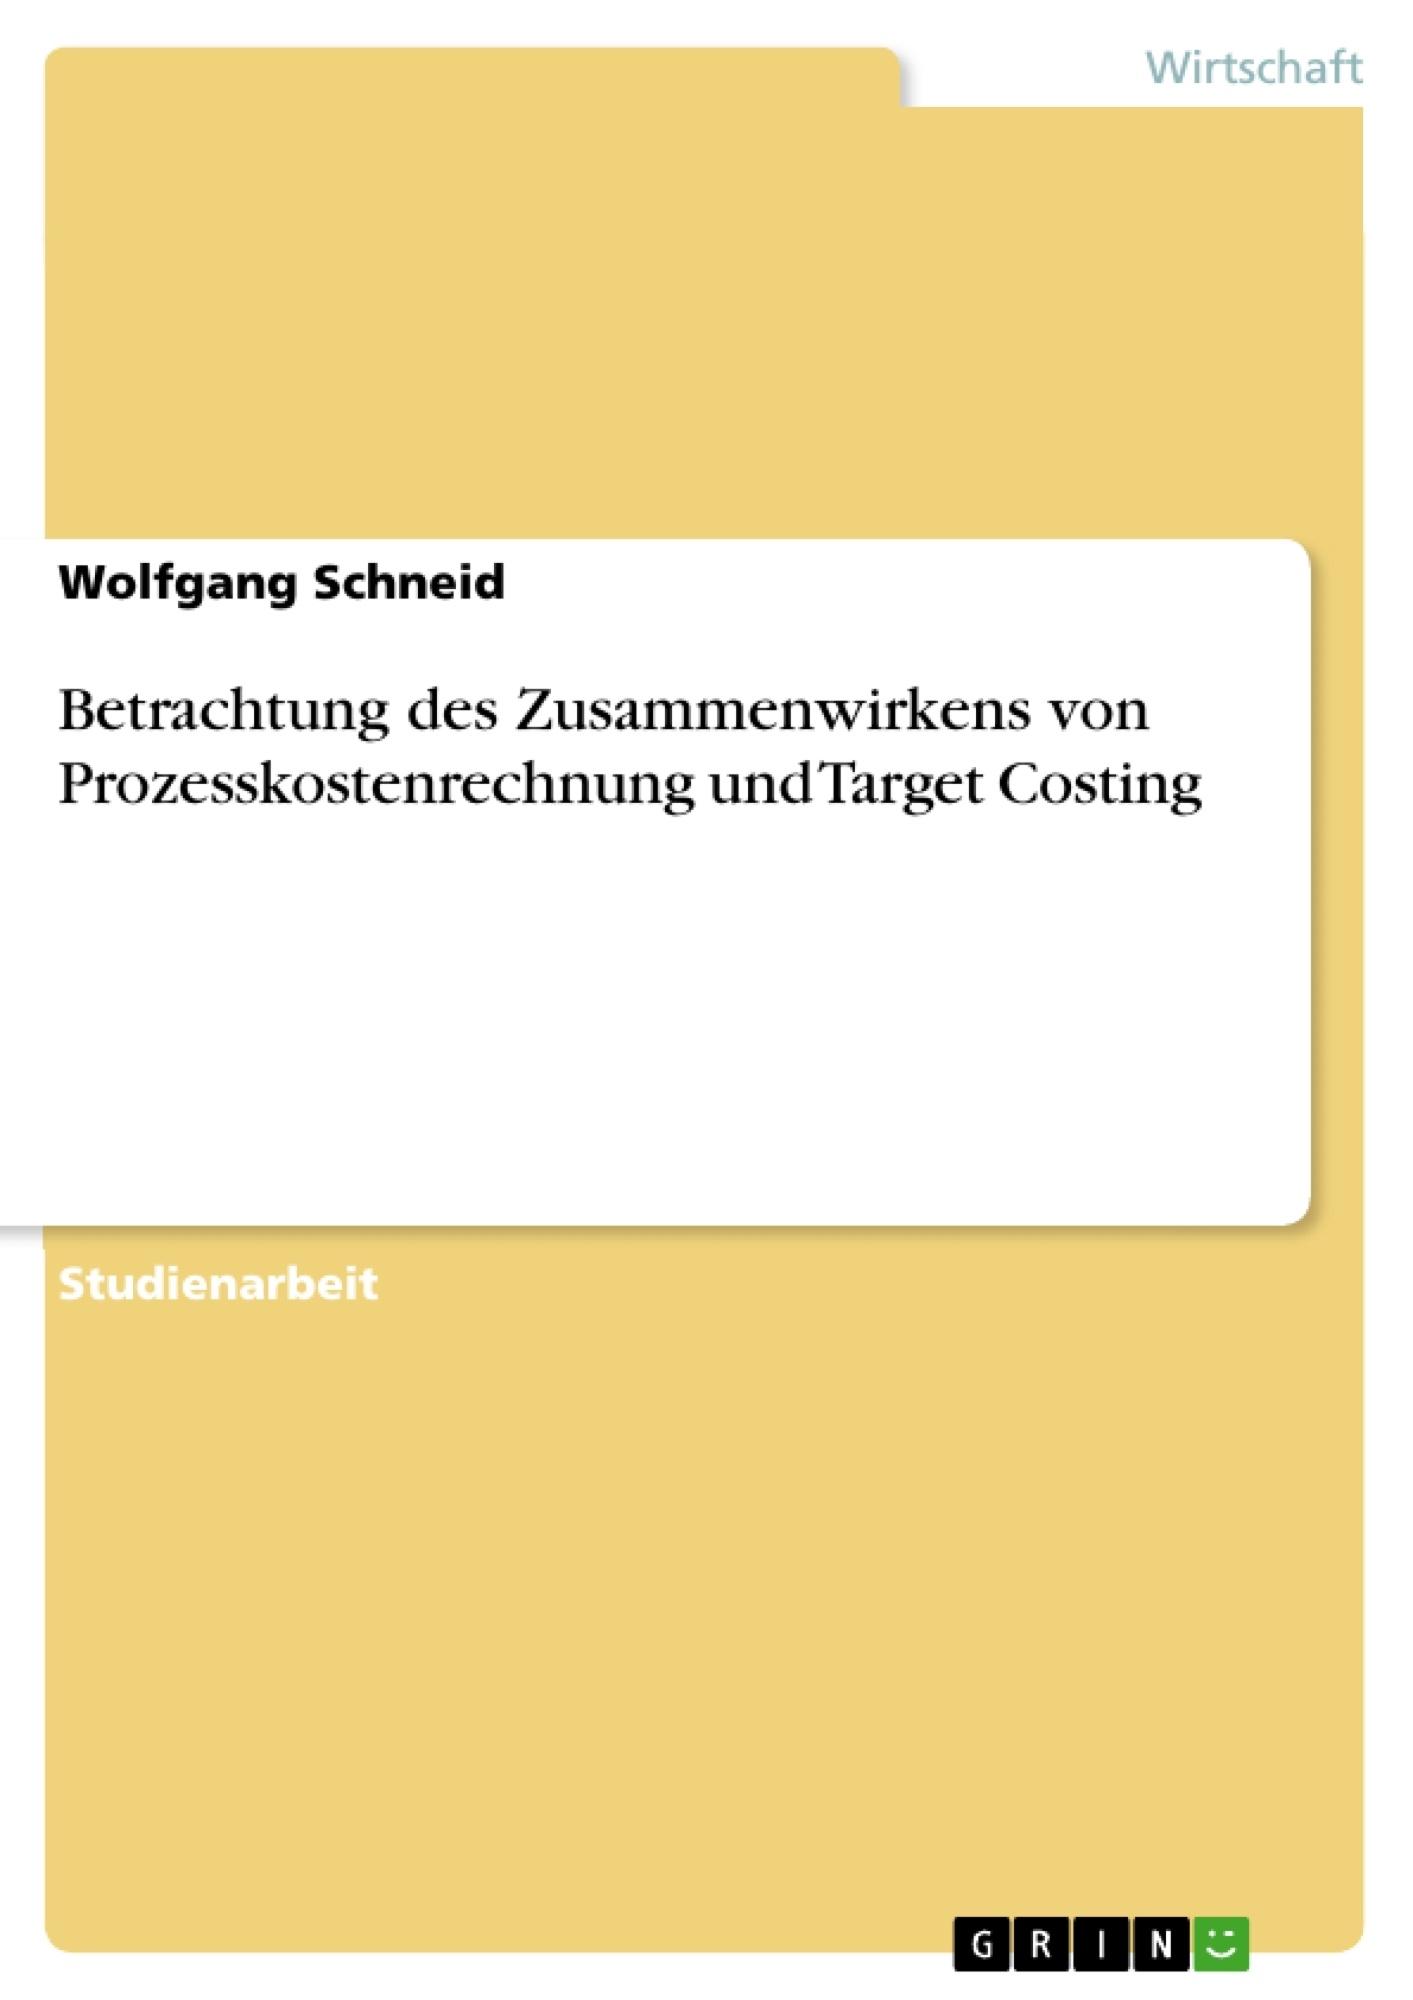 Titel: Betrachtung des Zusammenwirkens von Prozesskostenrechnung und Target Costing